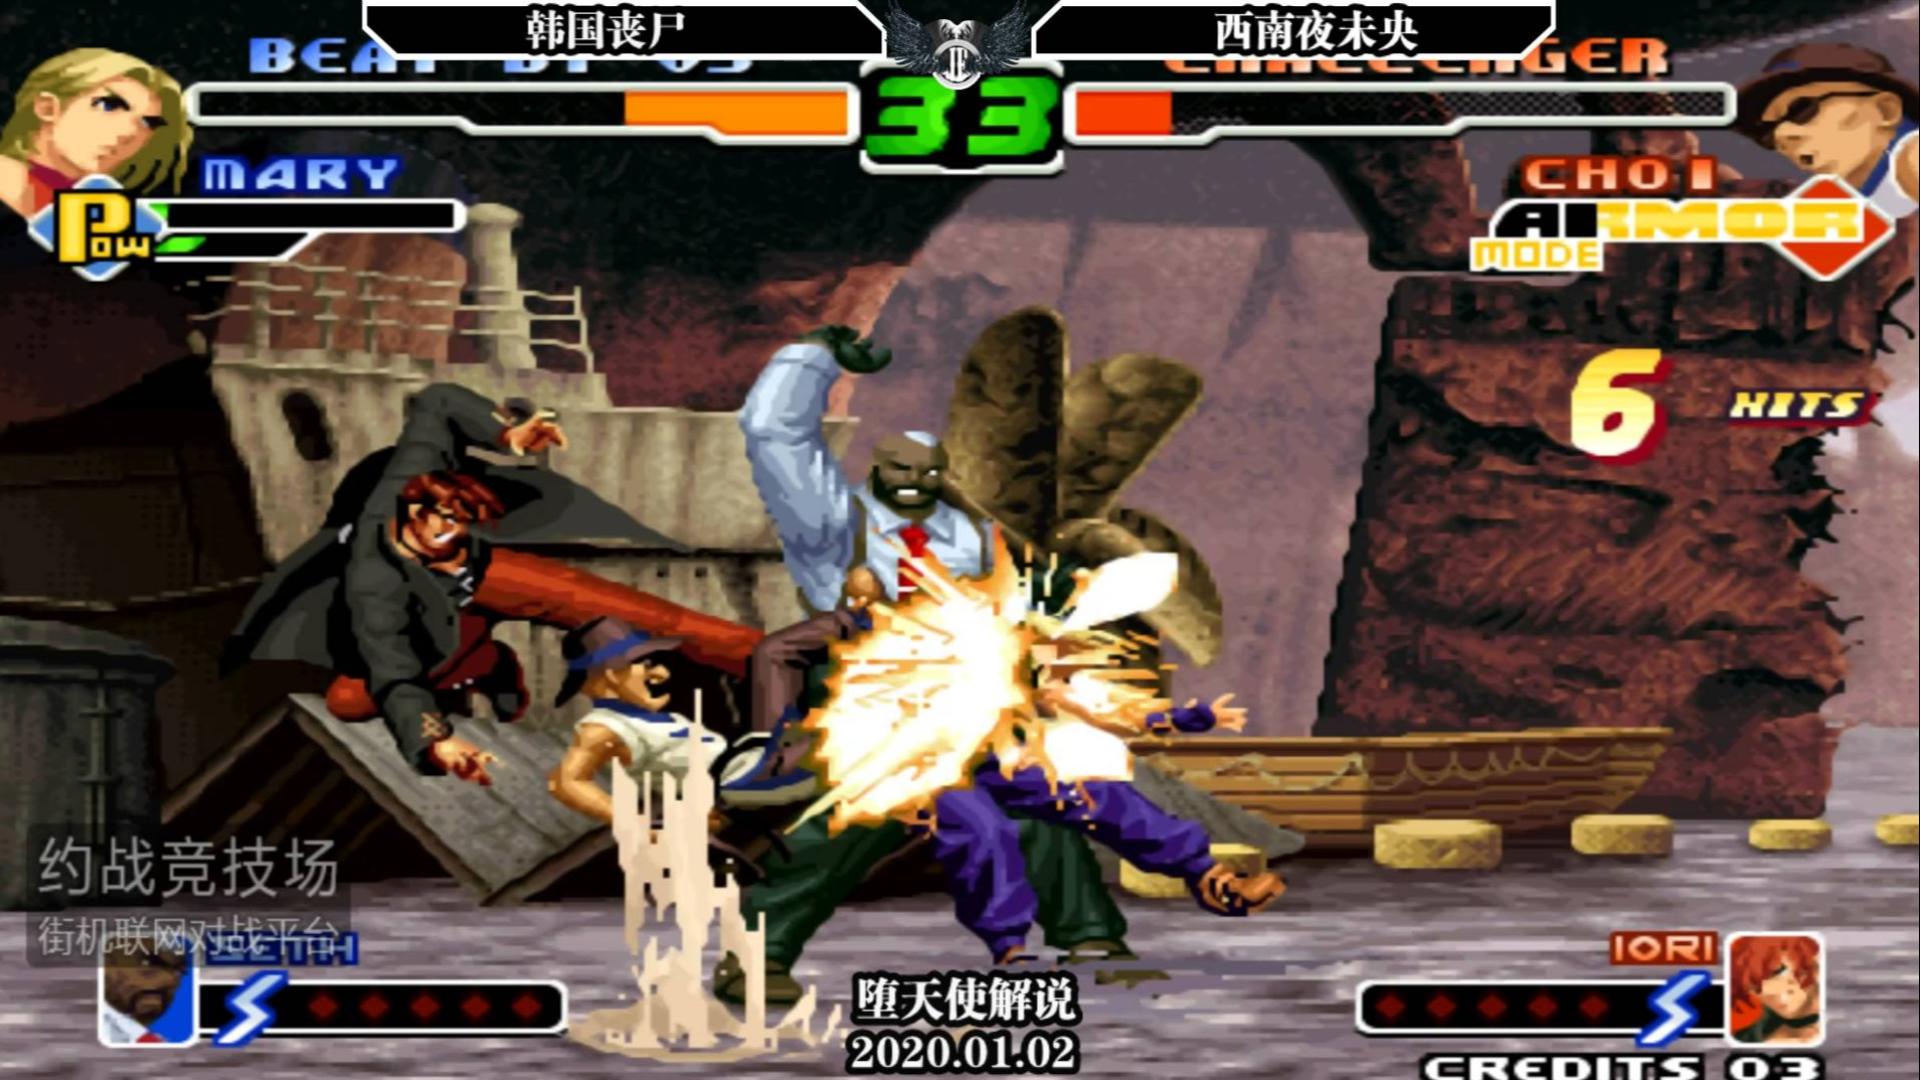 拳皇2000 西南vs韩国丧尸 紧要关头猴子残血翻盘完成大逆转